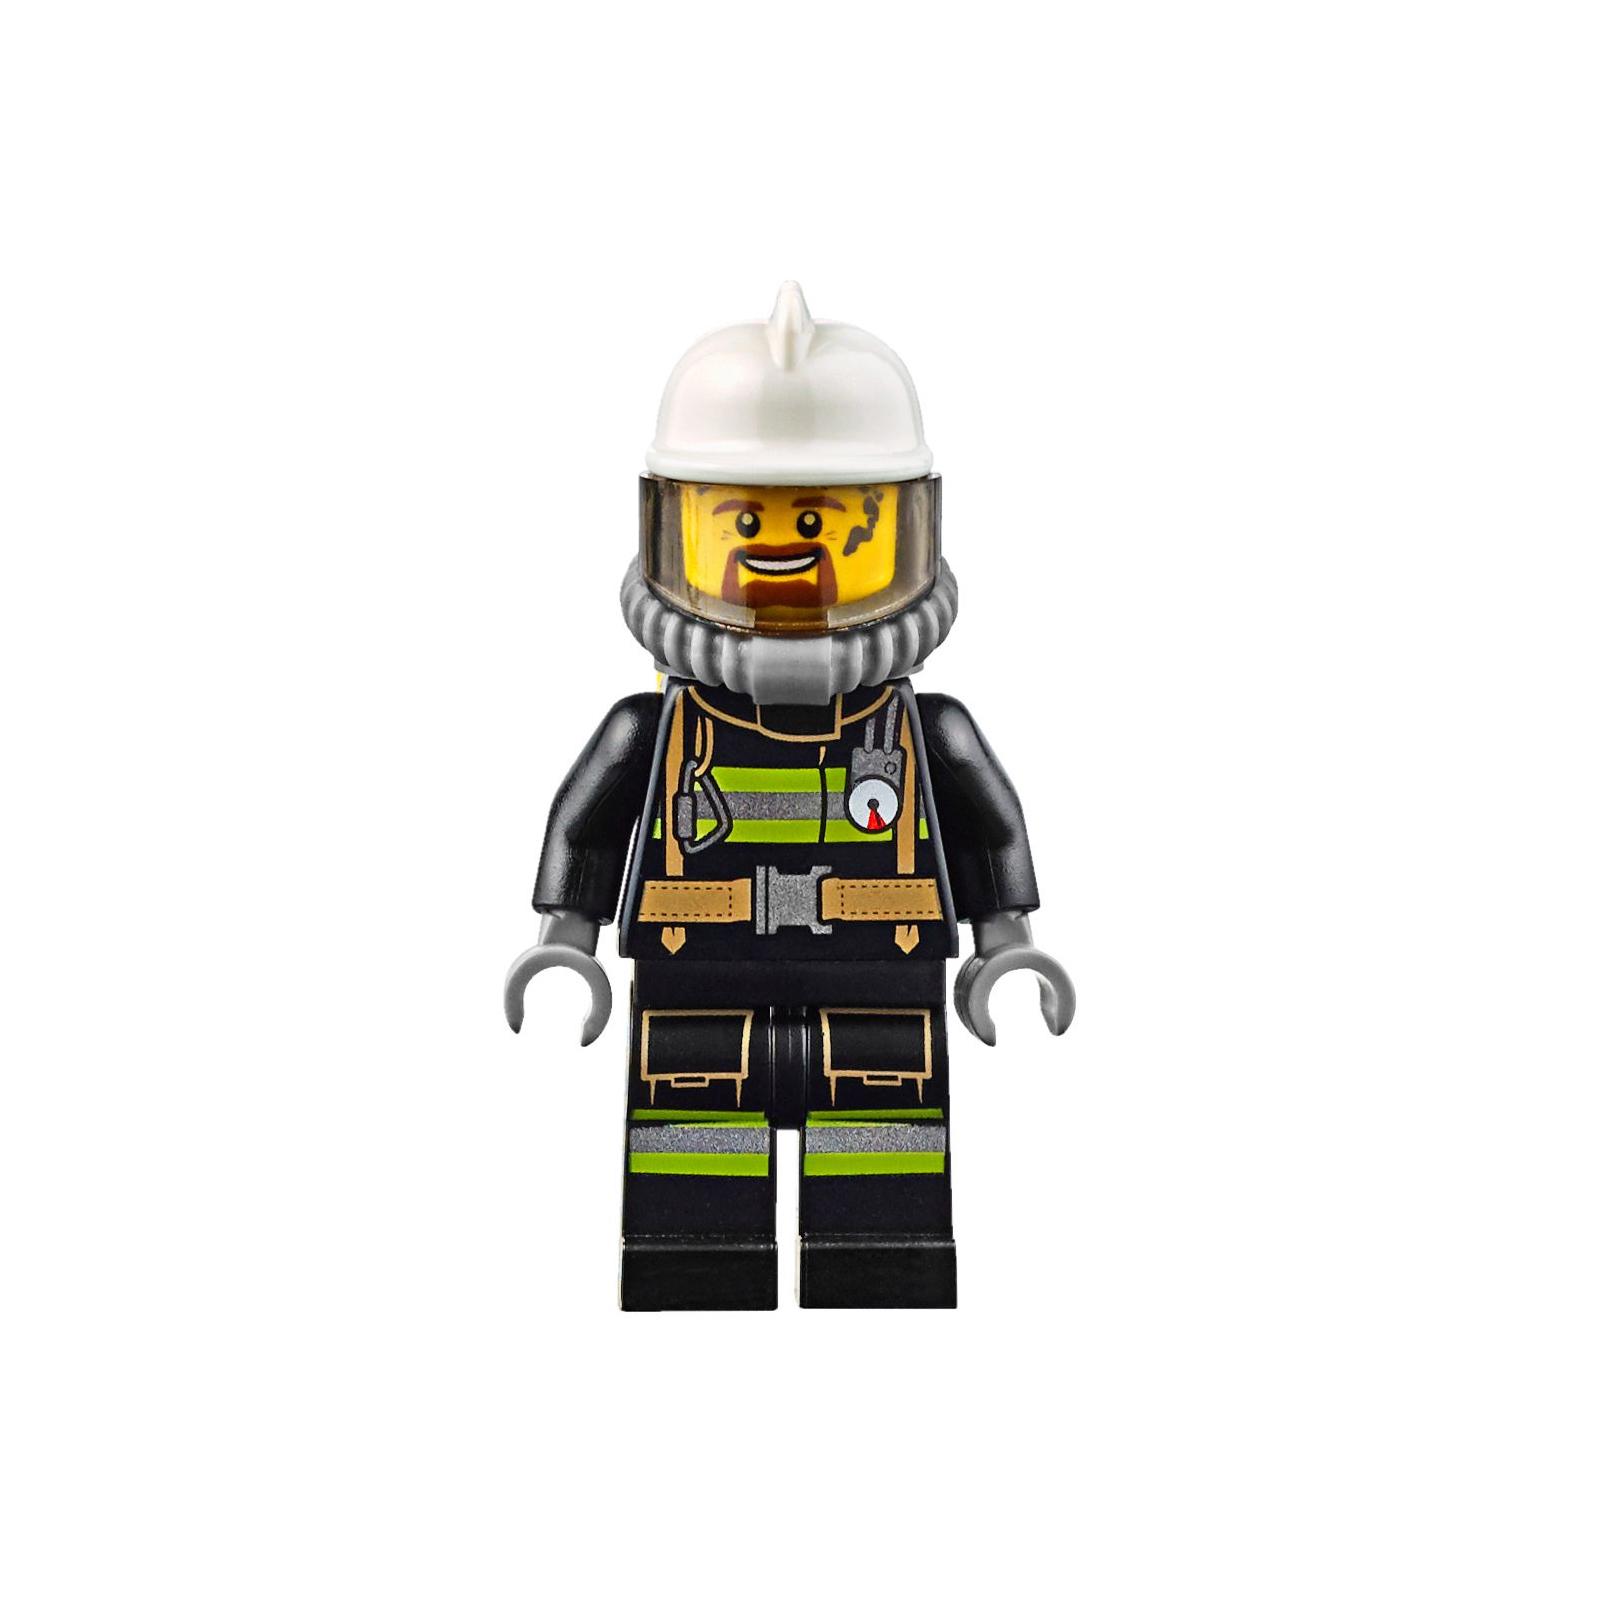 Конструктор LEGO City Fire Пожарный автомобиль с лестницей (60107) изображение 6